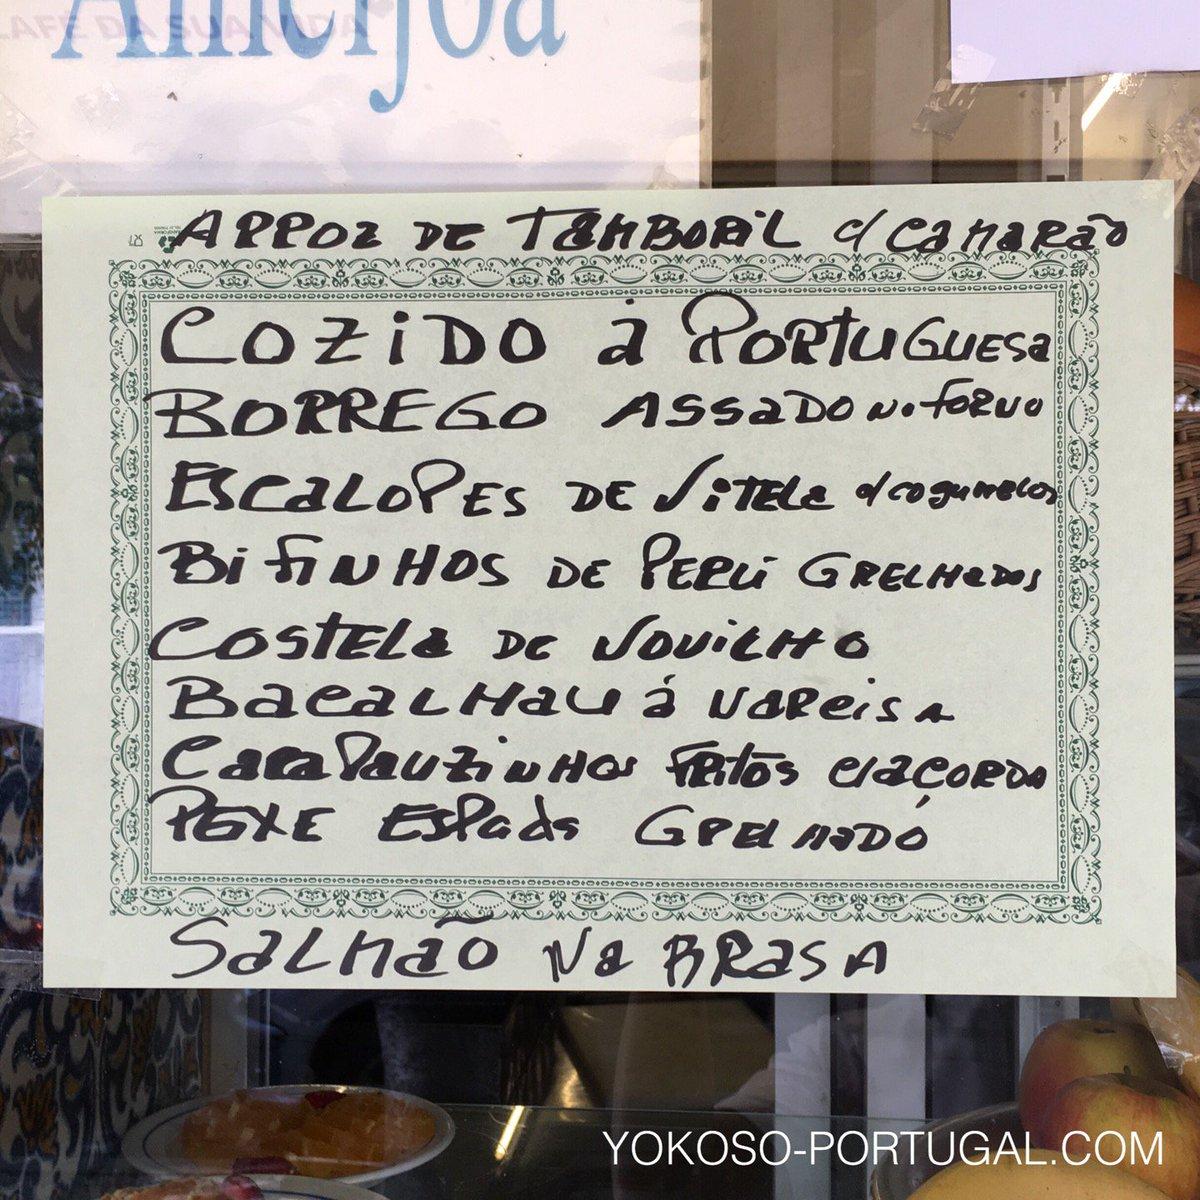 test ツイッターメディア - リスボンのカンポ・オイリケ地区に小さな食堂。お店の名前の通り薄切り牛肉ステーキ、ビトックがおすすめです。 (@ O Bitoque in Lisboa) https://t.co/W5D4HNgO0Z https://t.co/JgS4HCdfb9